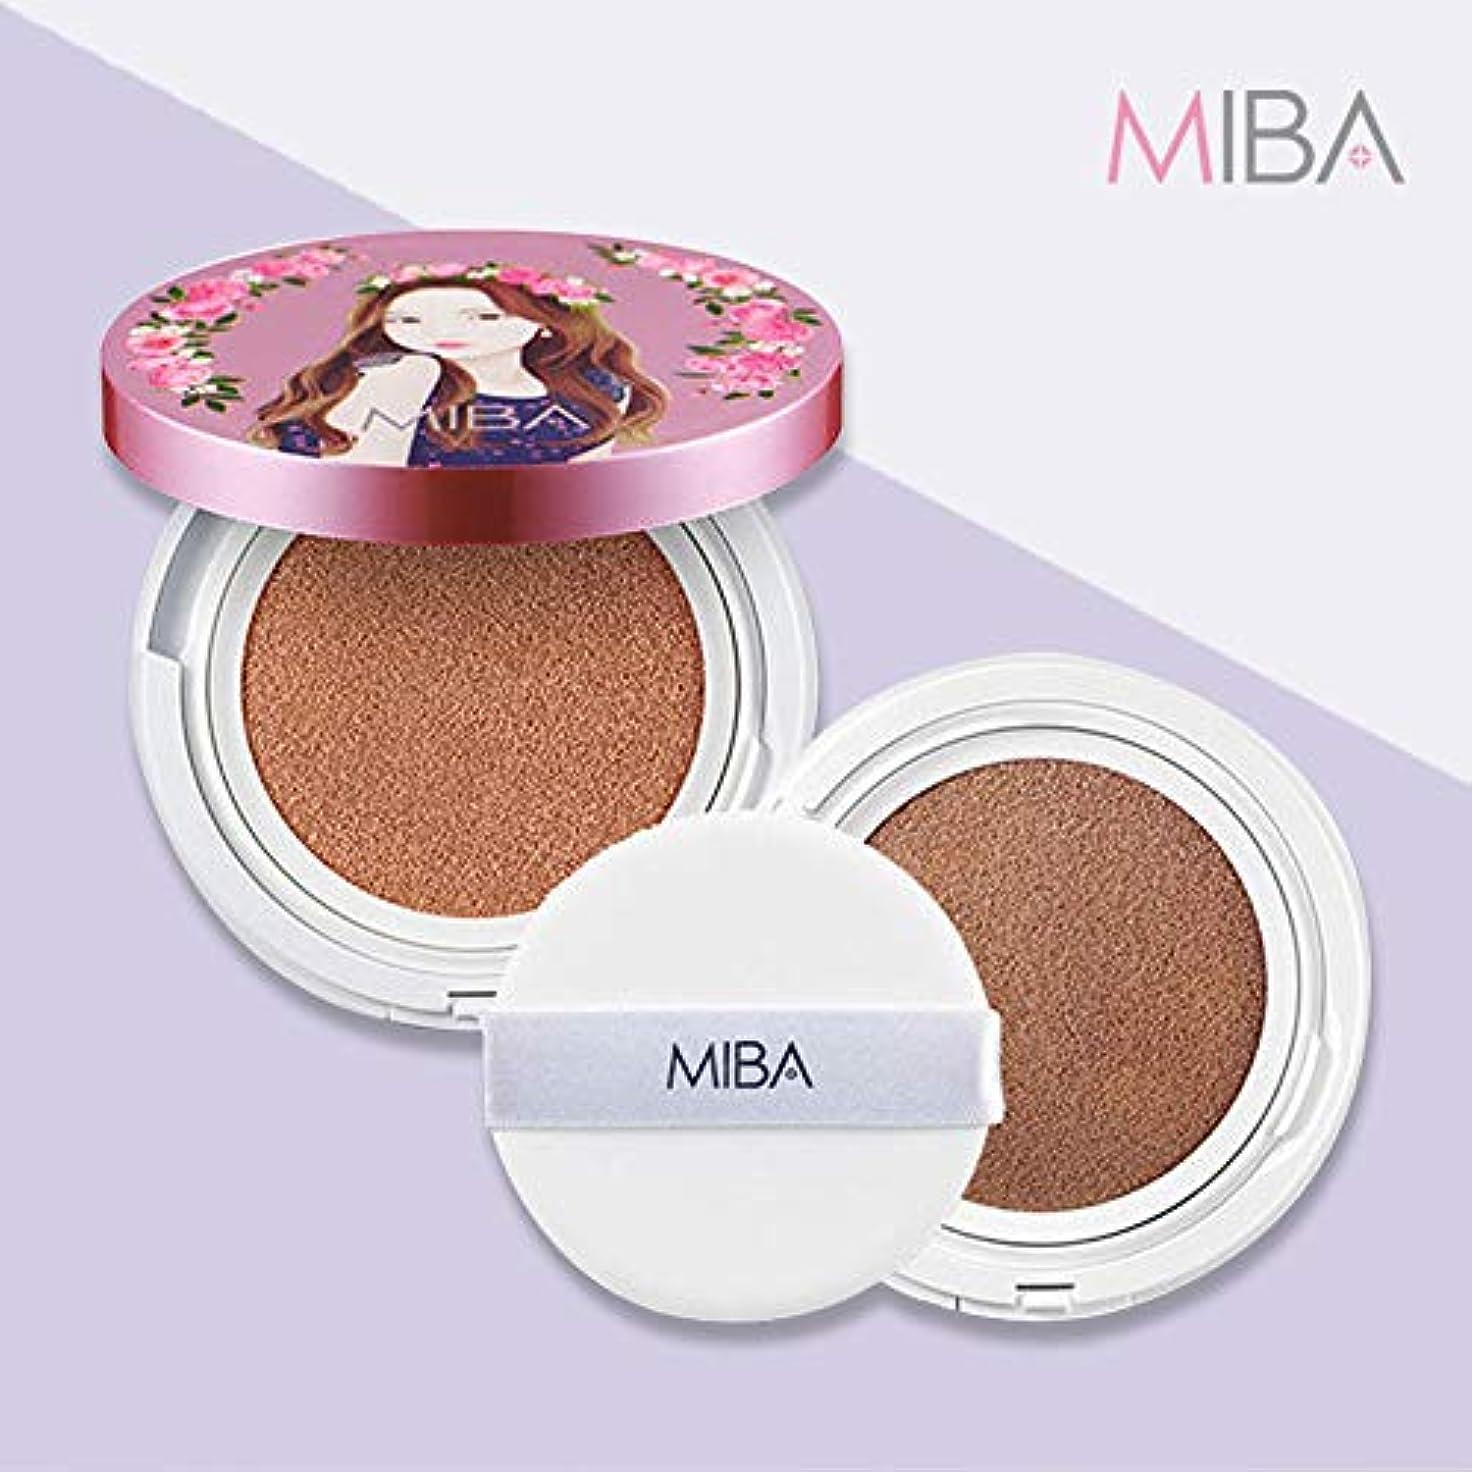 額保守的納税者【mineralbio】 MIBA ミバ イオンカルシウム ミネラルファンデーション ダブルクッション 本品+リフィル+パフ2枚 SPF50+/PA++++ 普通肌用 (Ion Calcium Foundation Double Cushion set 24g #23 Natural skin)